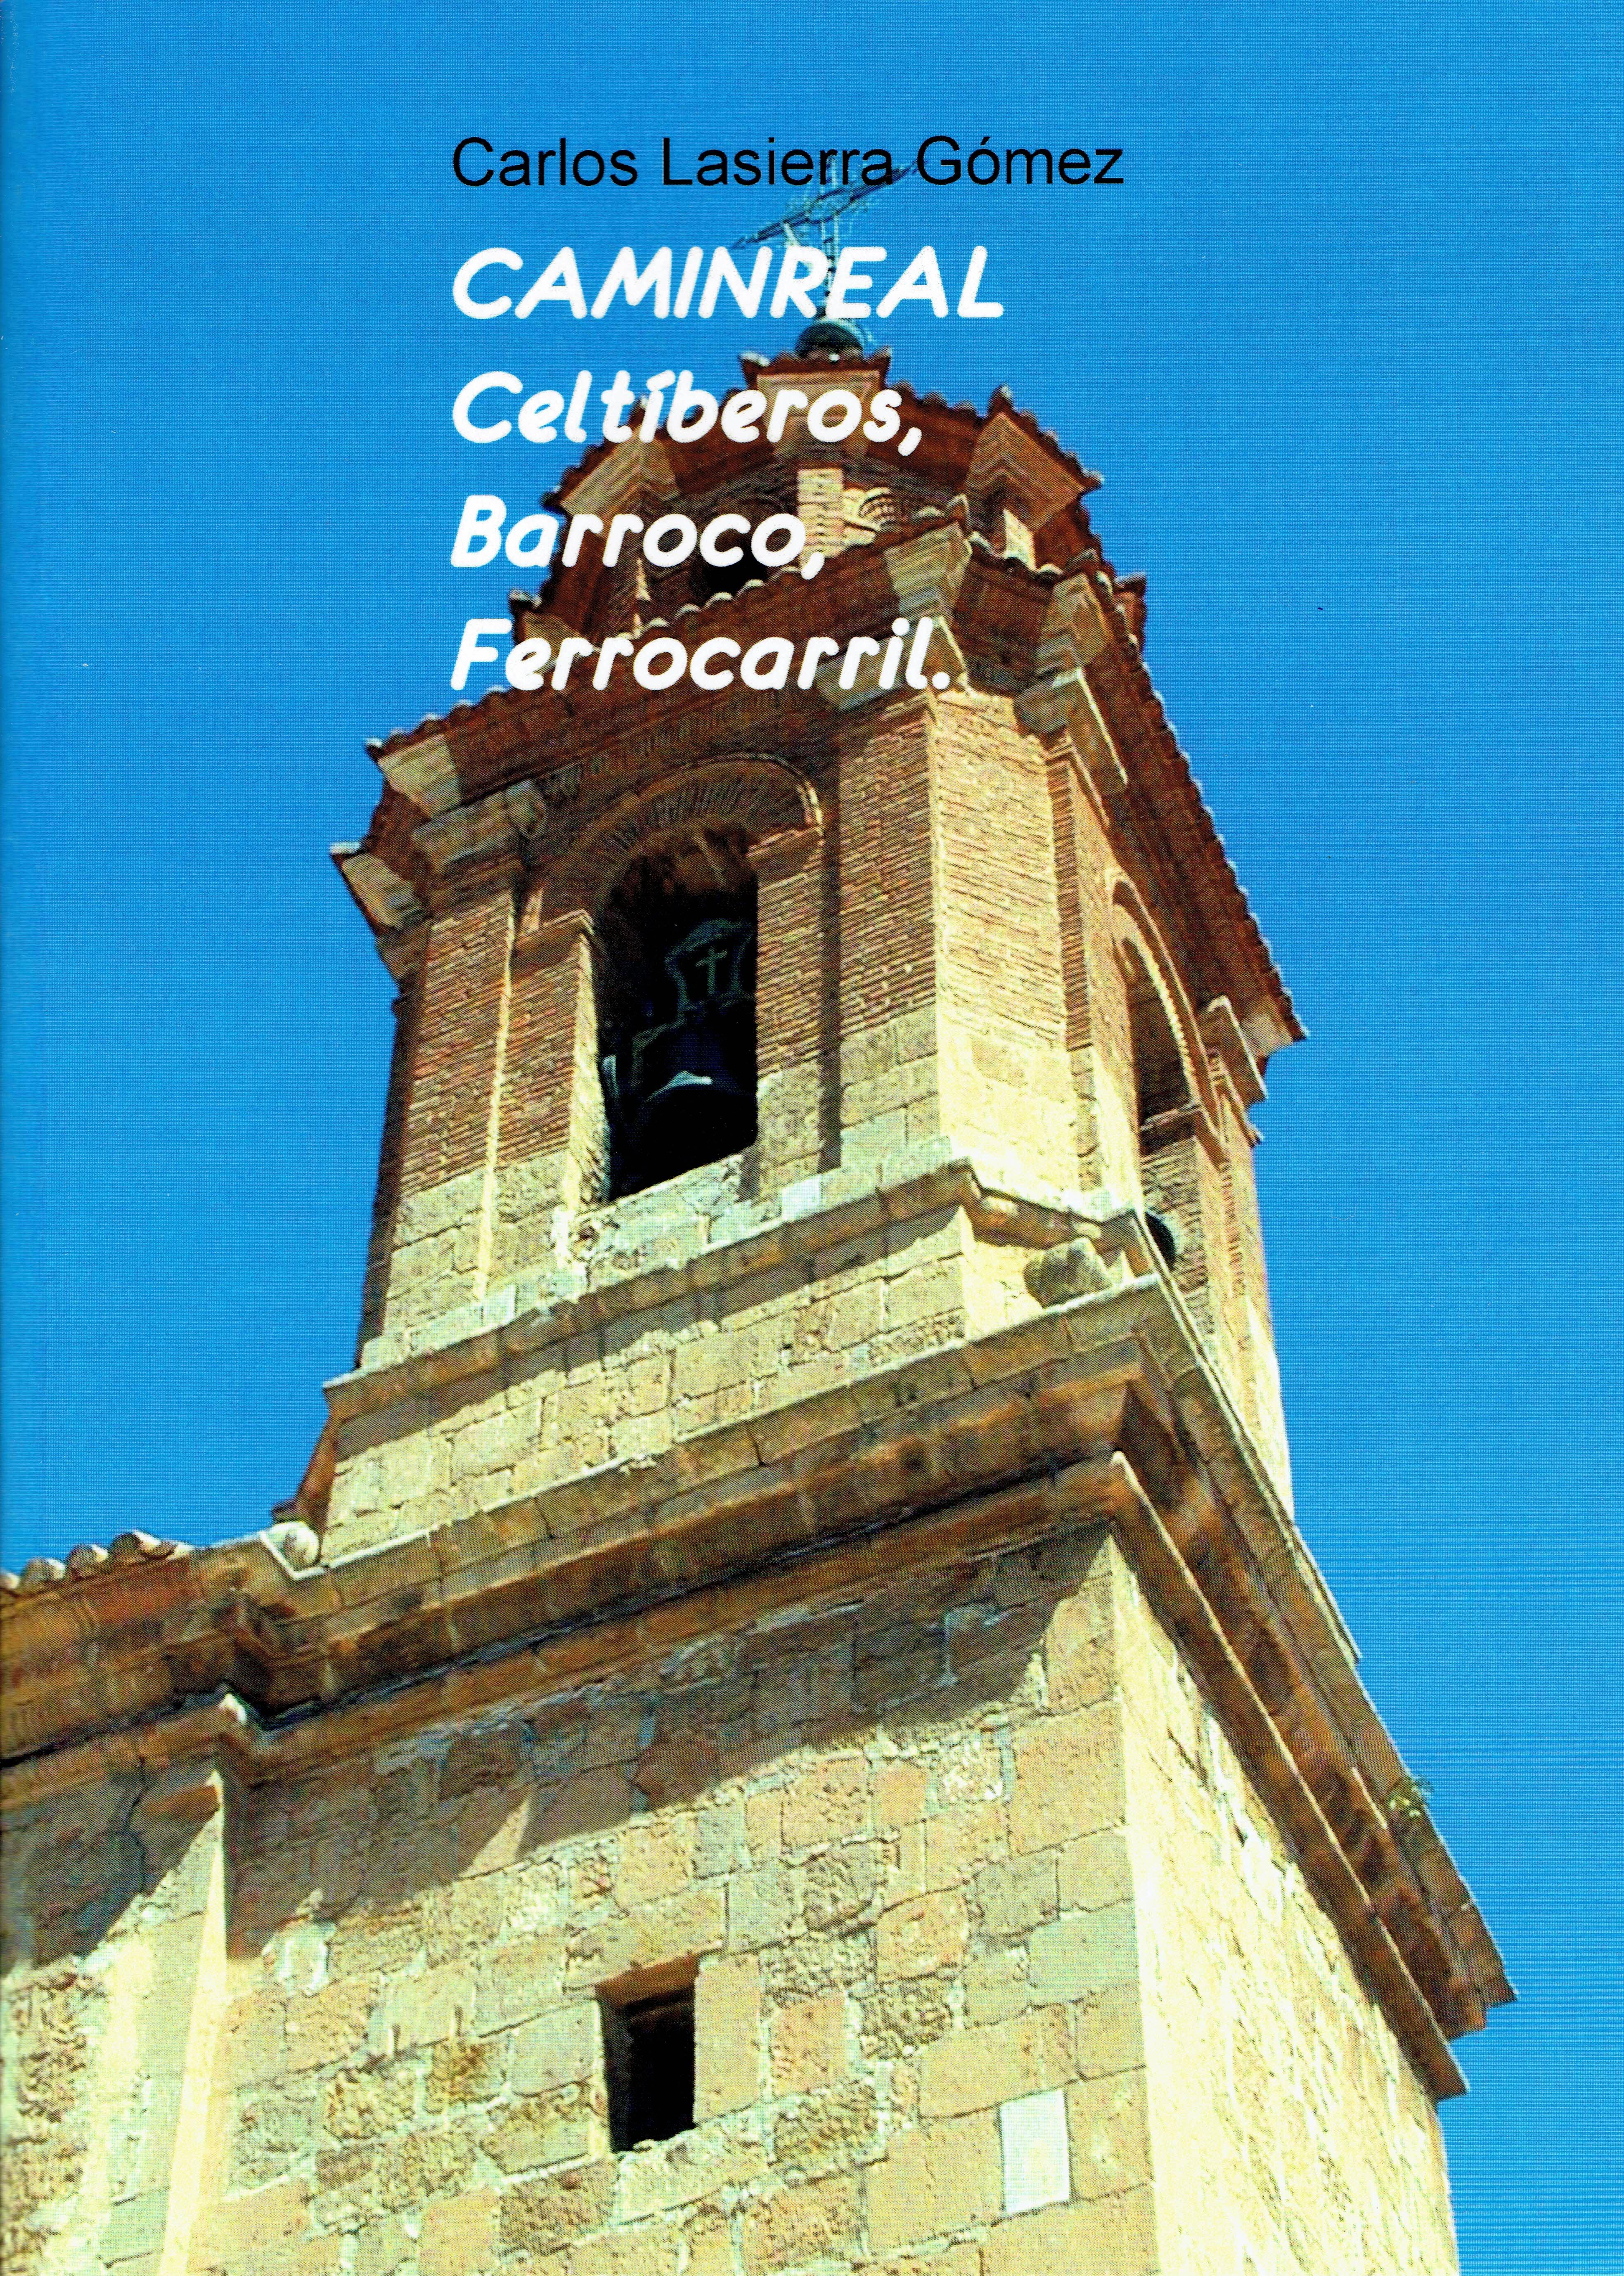 Caminreal. Celtiberos, barroco y ferrocarril10032016